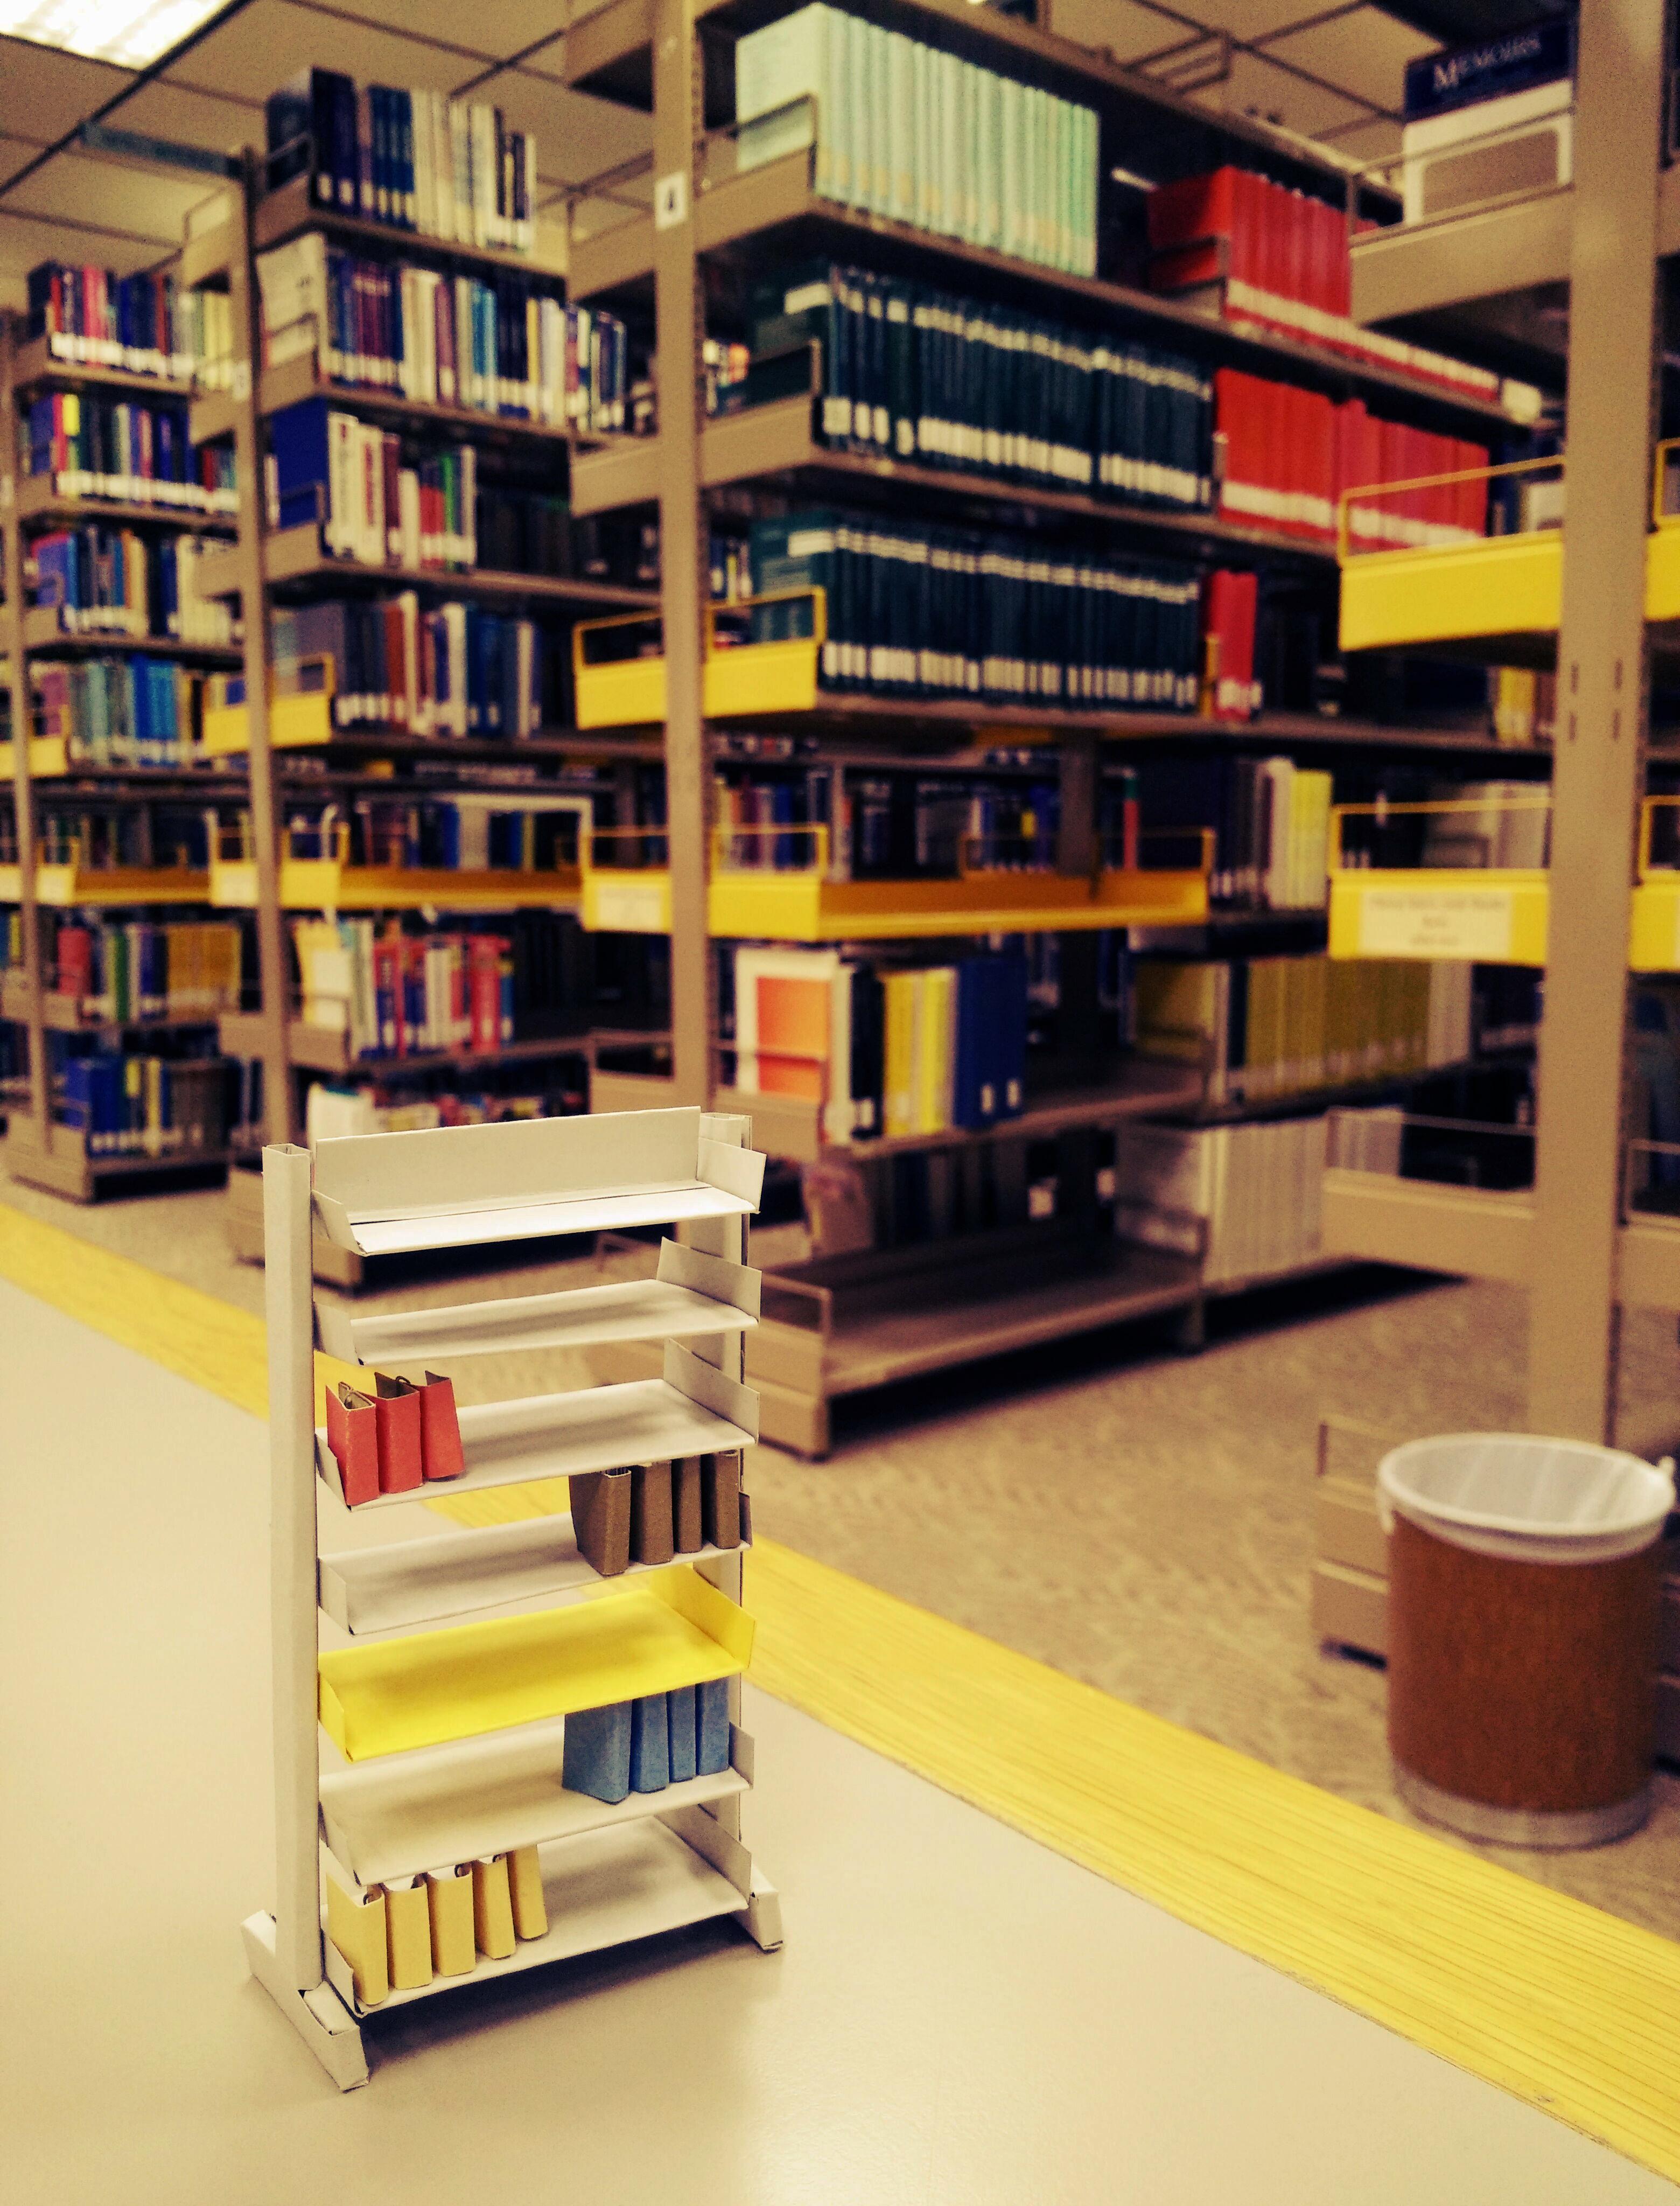 SC Books Room